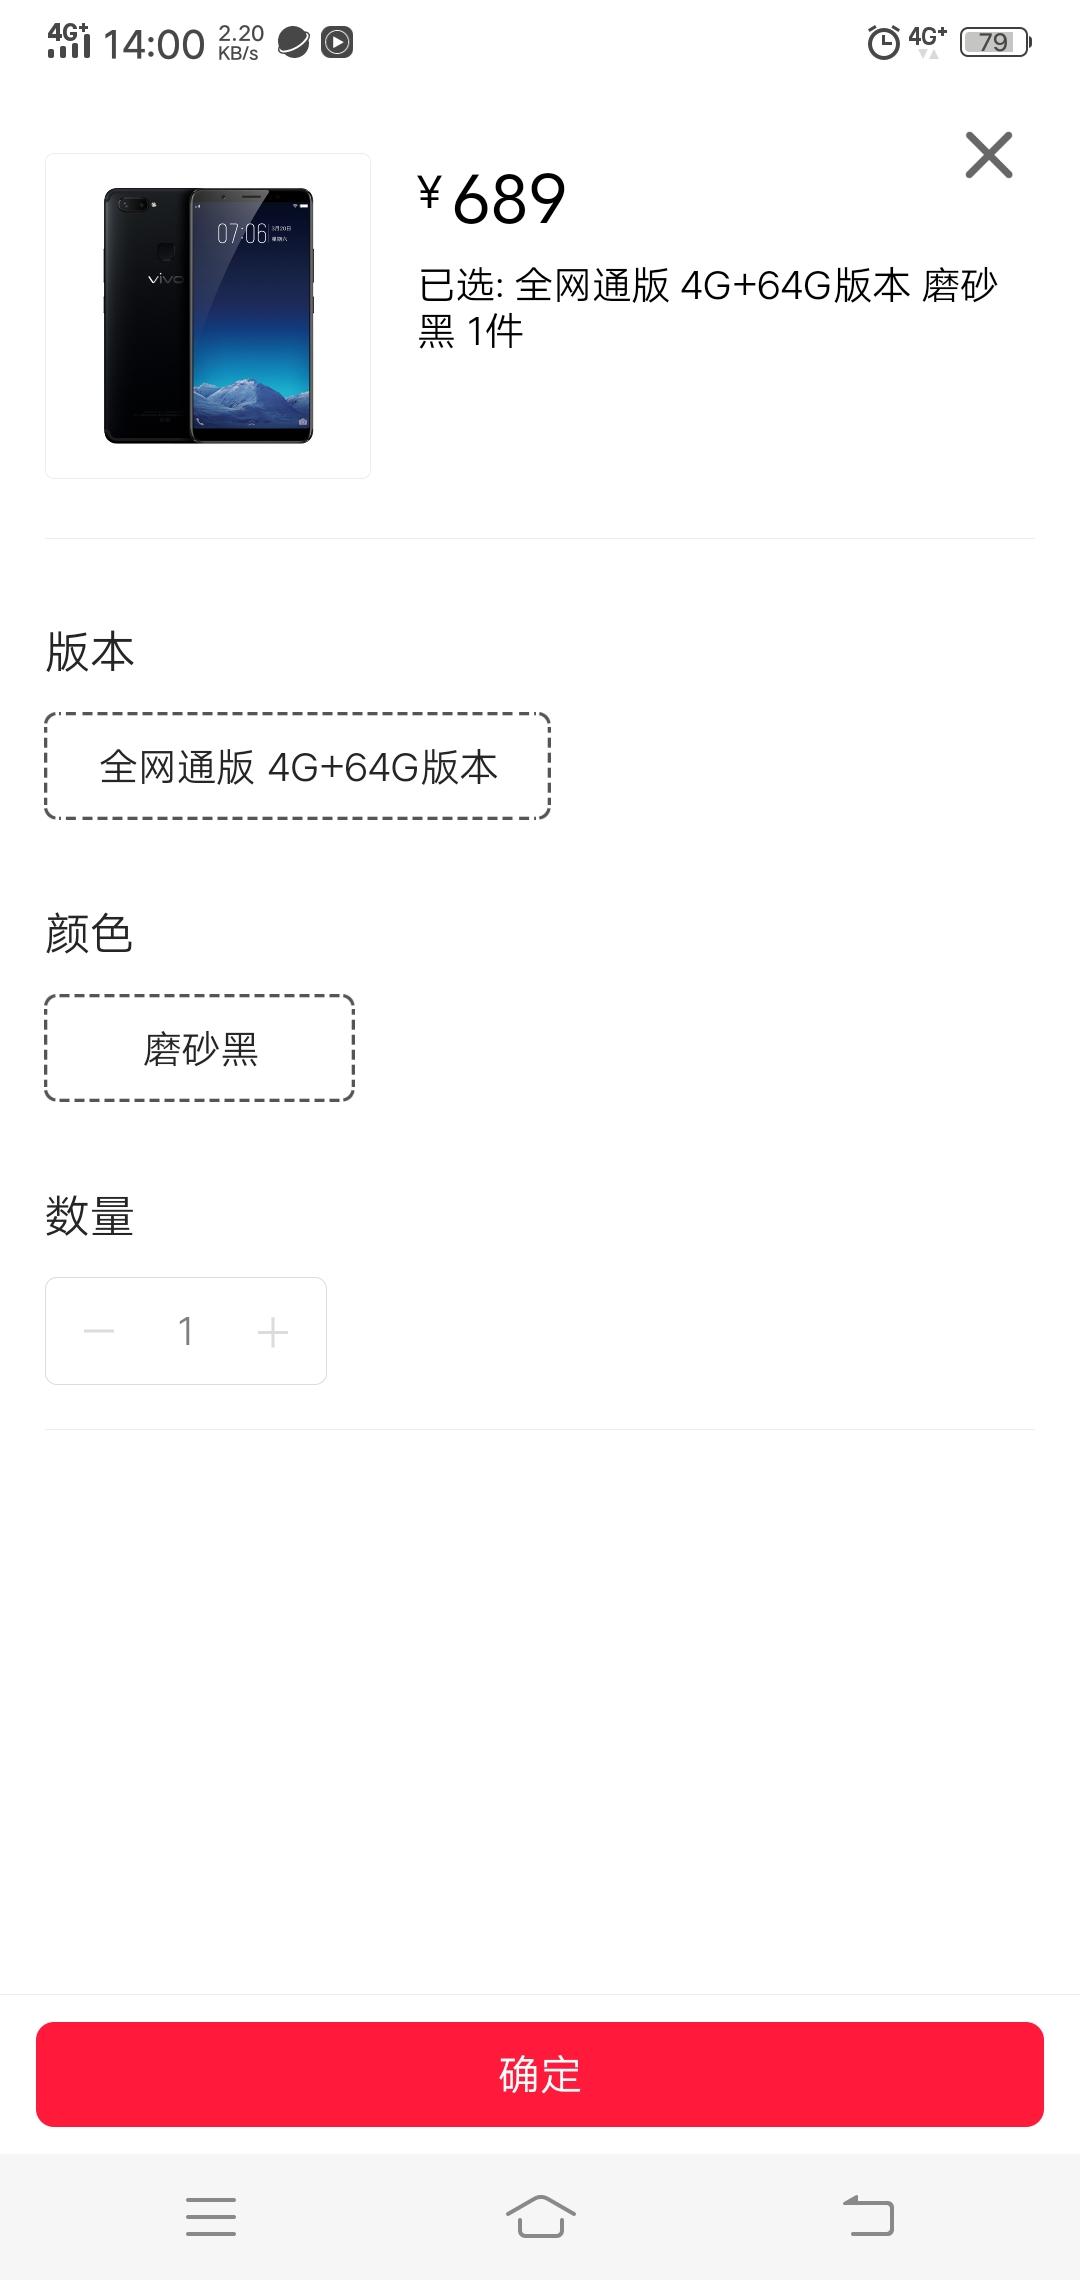 Screenshot_20181102_140046.jpg